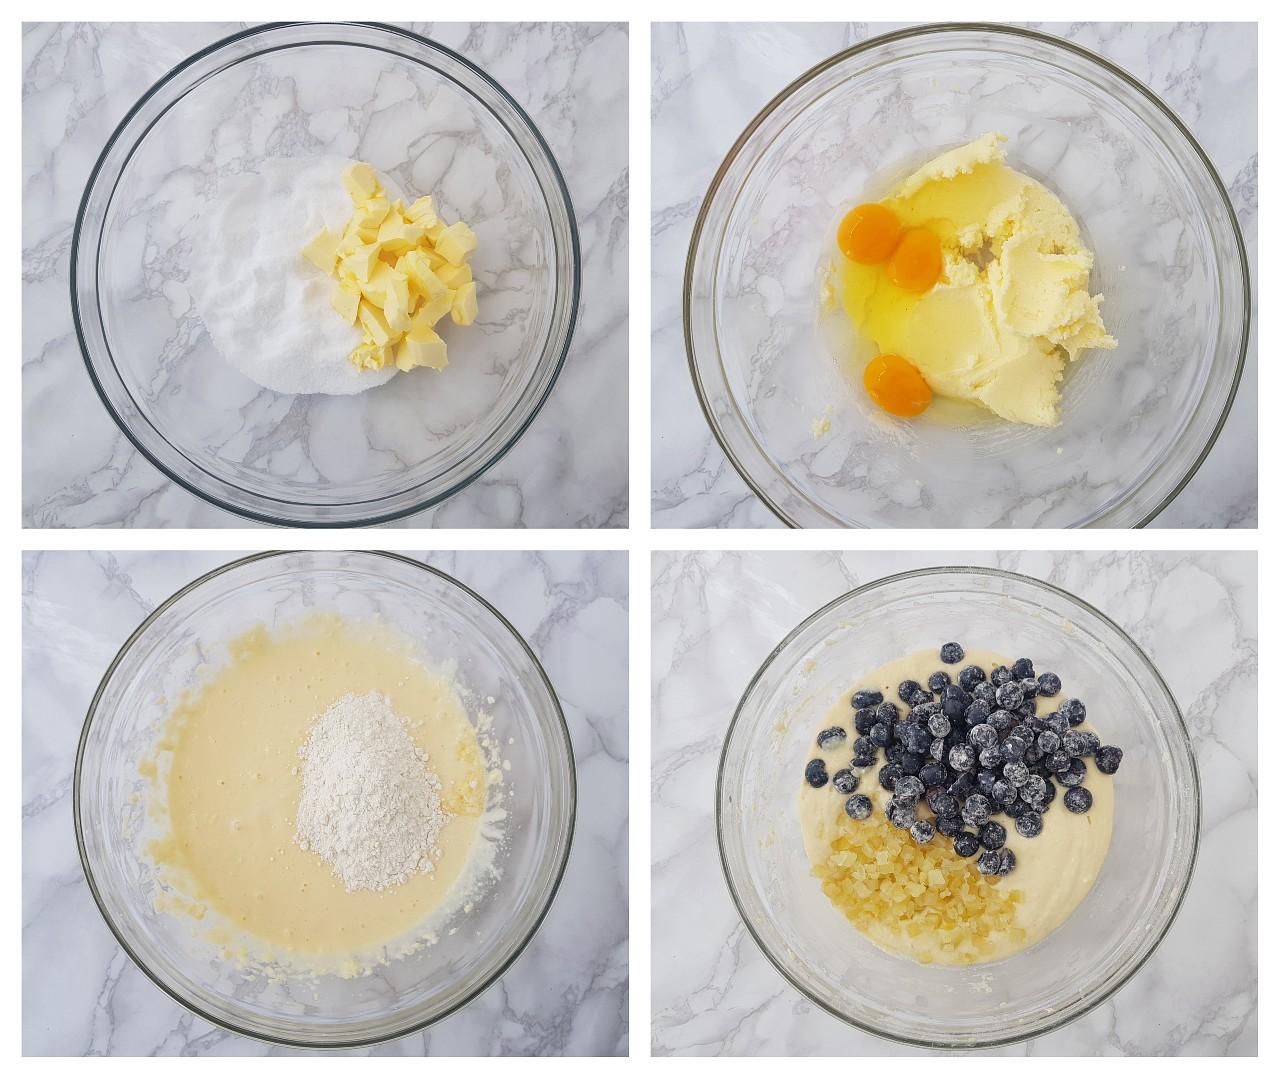 Guguluf cu afine, lamaie si glazura cu apa de trandafiri - foodieopedia